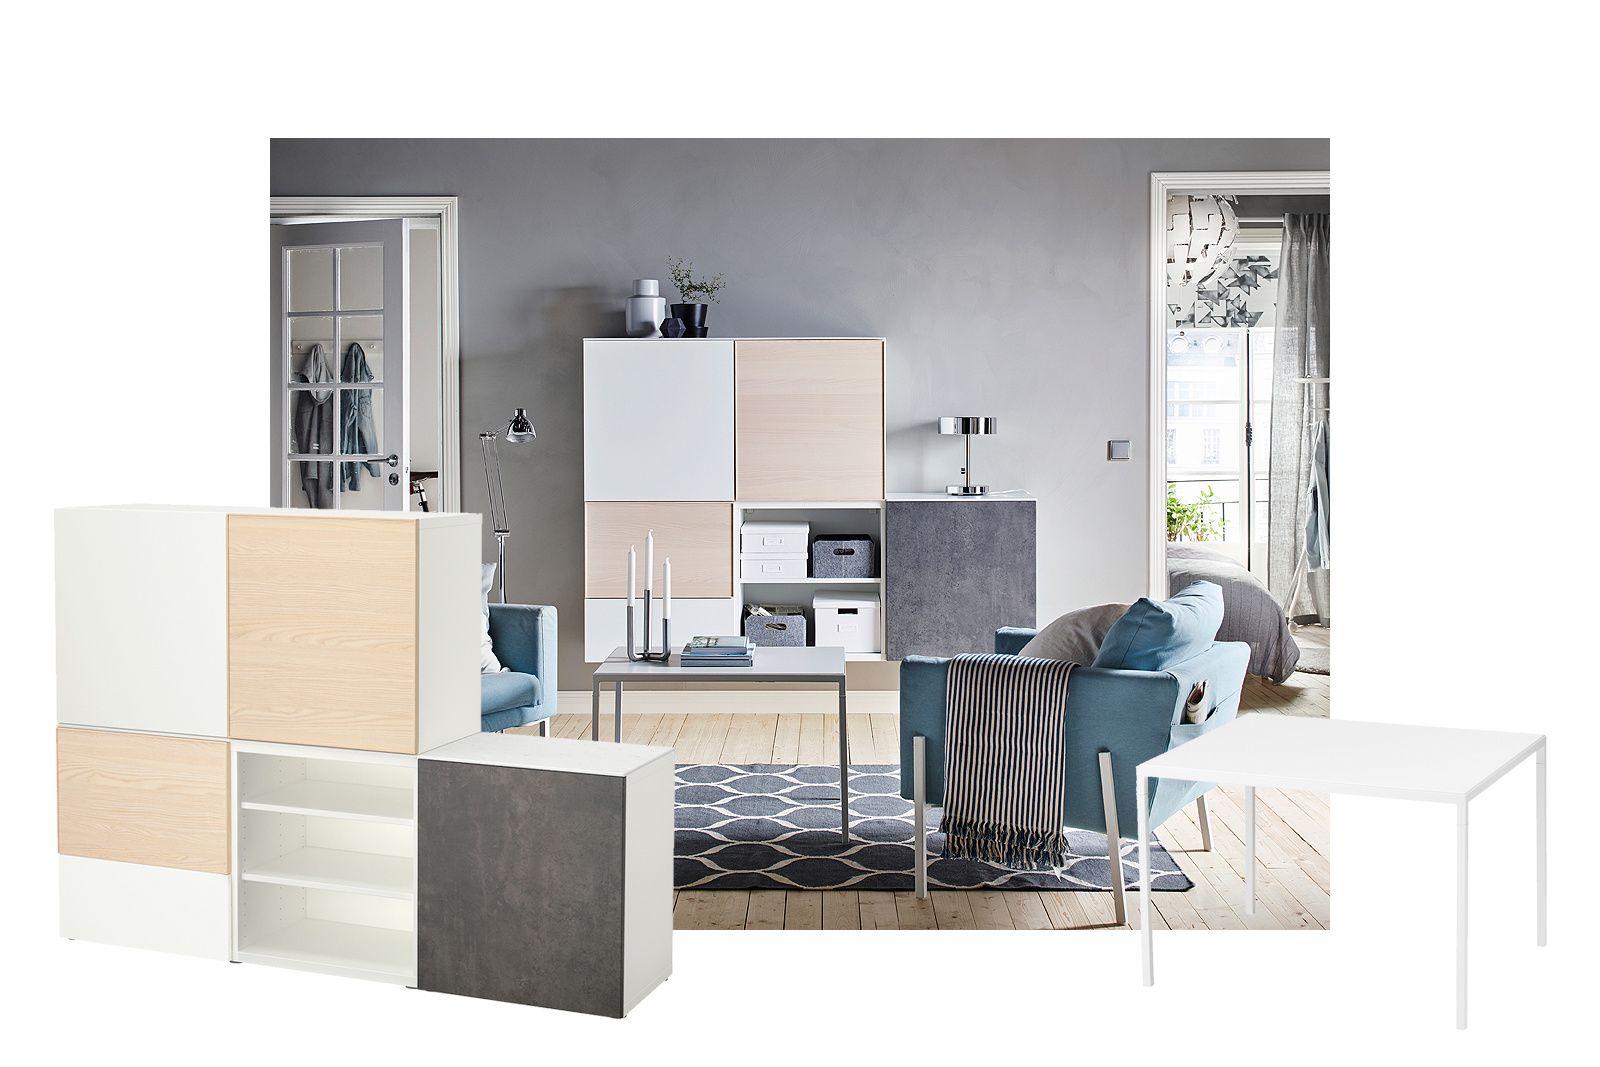 Ante Credenza Ikea : Novedades del catálogo de ikea para renovar tu salÓn un salón